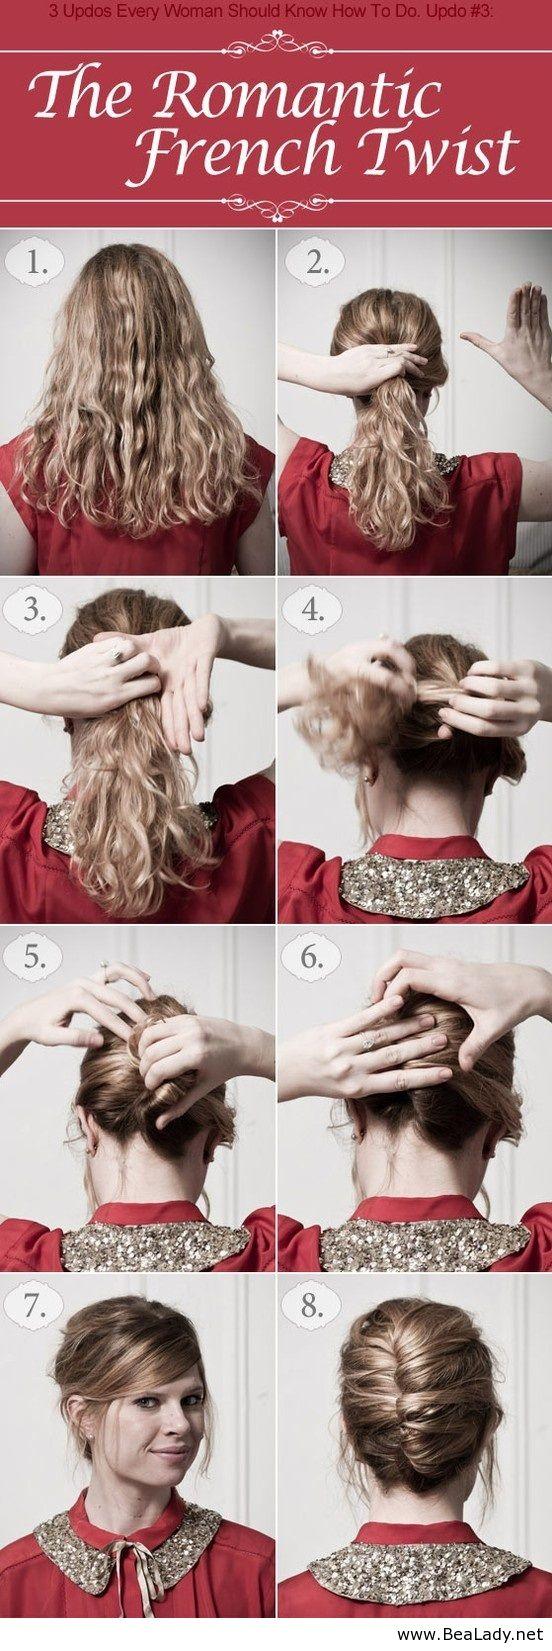 The romantic french twist moda tip peinados ela tips diy romantic french twist hairstyle do it yourself fashion tips solutioingenieria Gallery